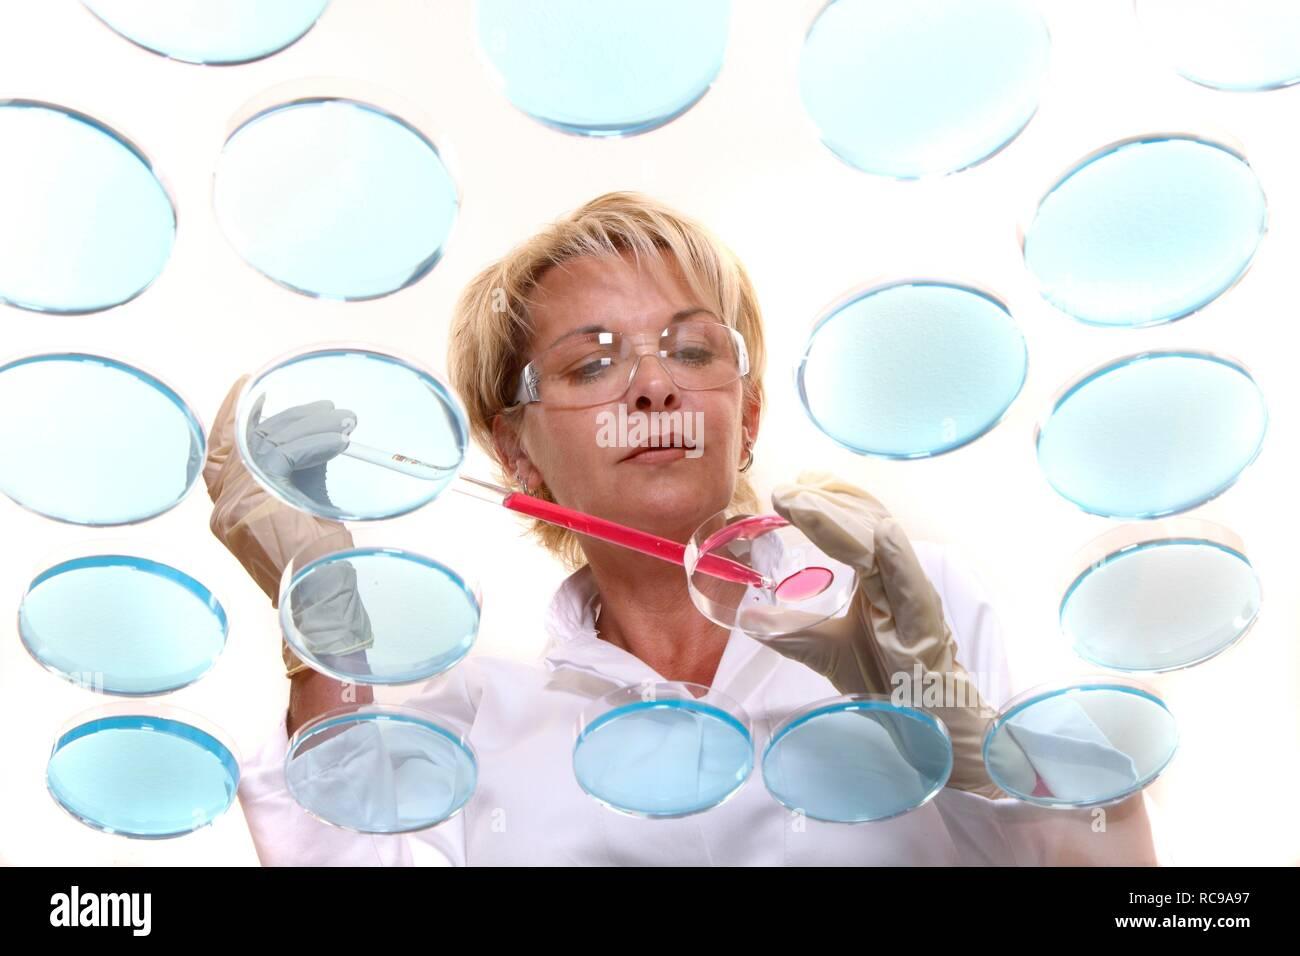 Técnico de laboratorio que trabajan con cultivos de bacterias en placas de petri en el laboratorio Imagen De Stock